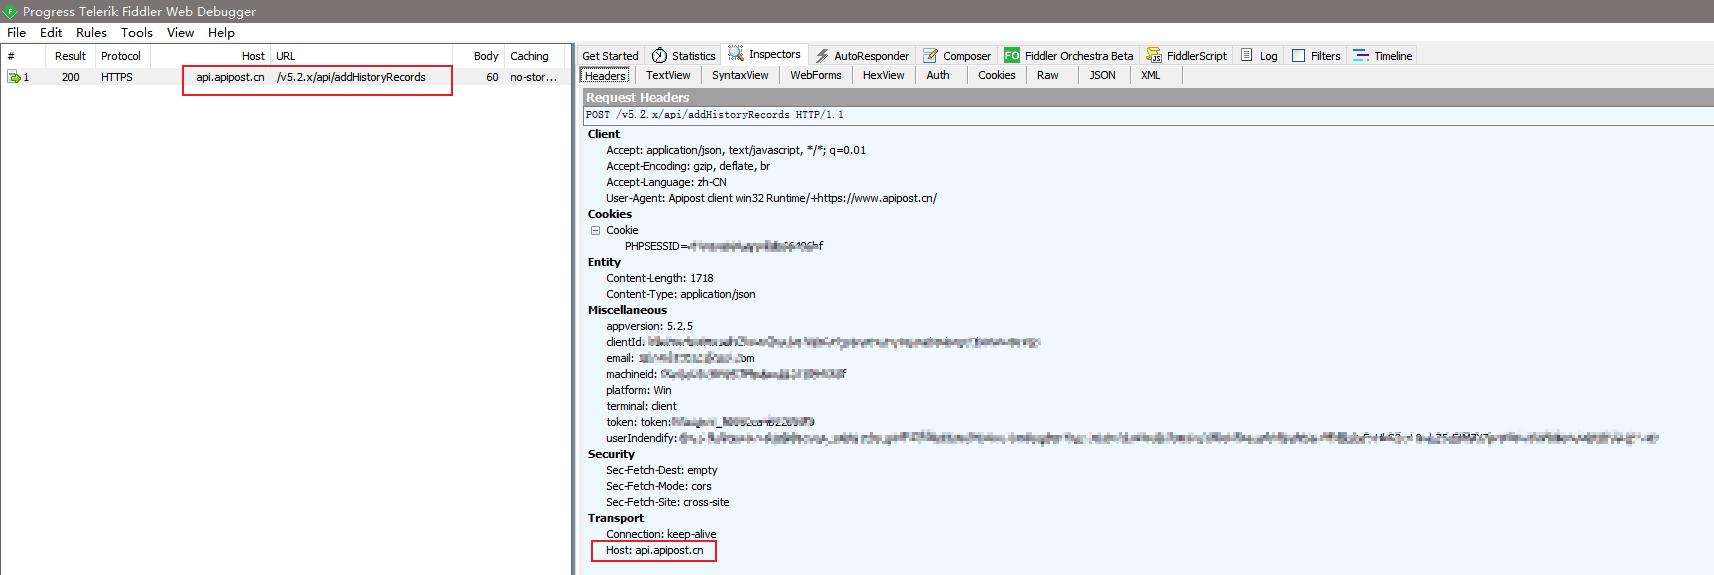 APIPOST获取用户每次模拟请求的数据,并把用户请求数据发送到apipost自己的服务器,不知道想要做什么?